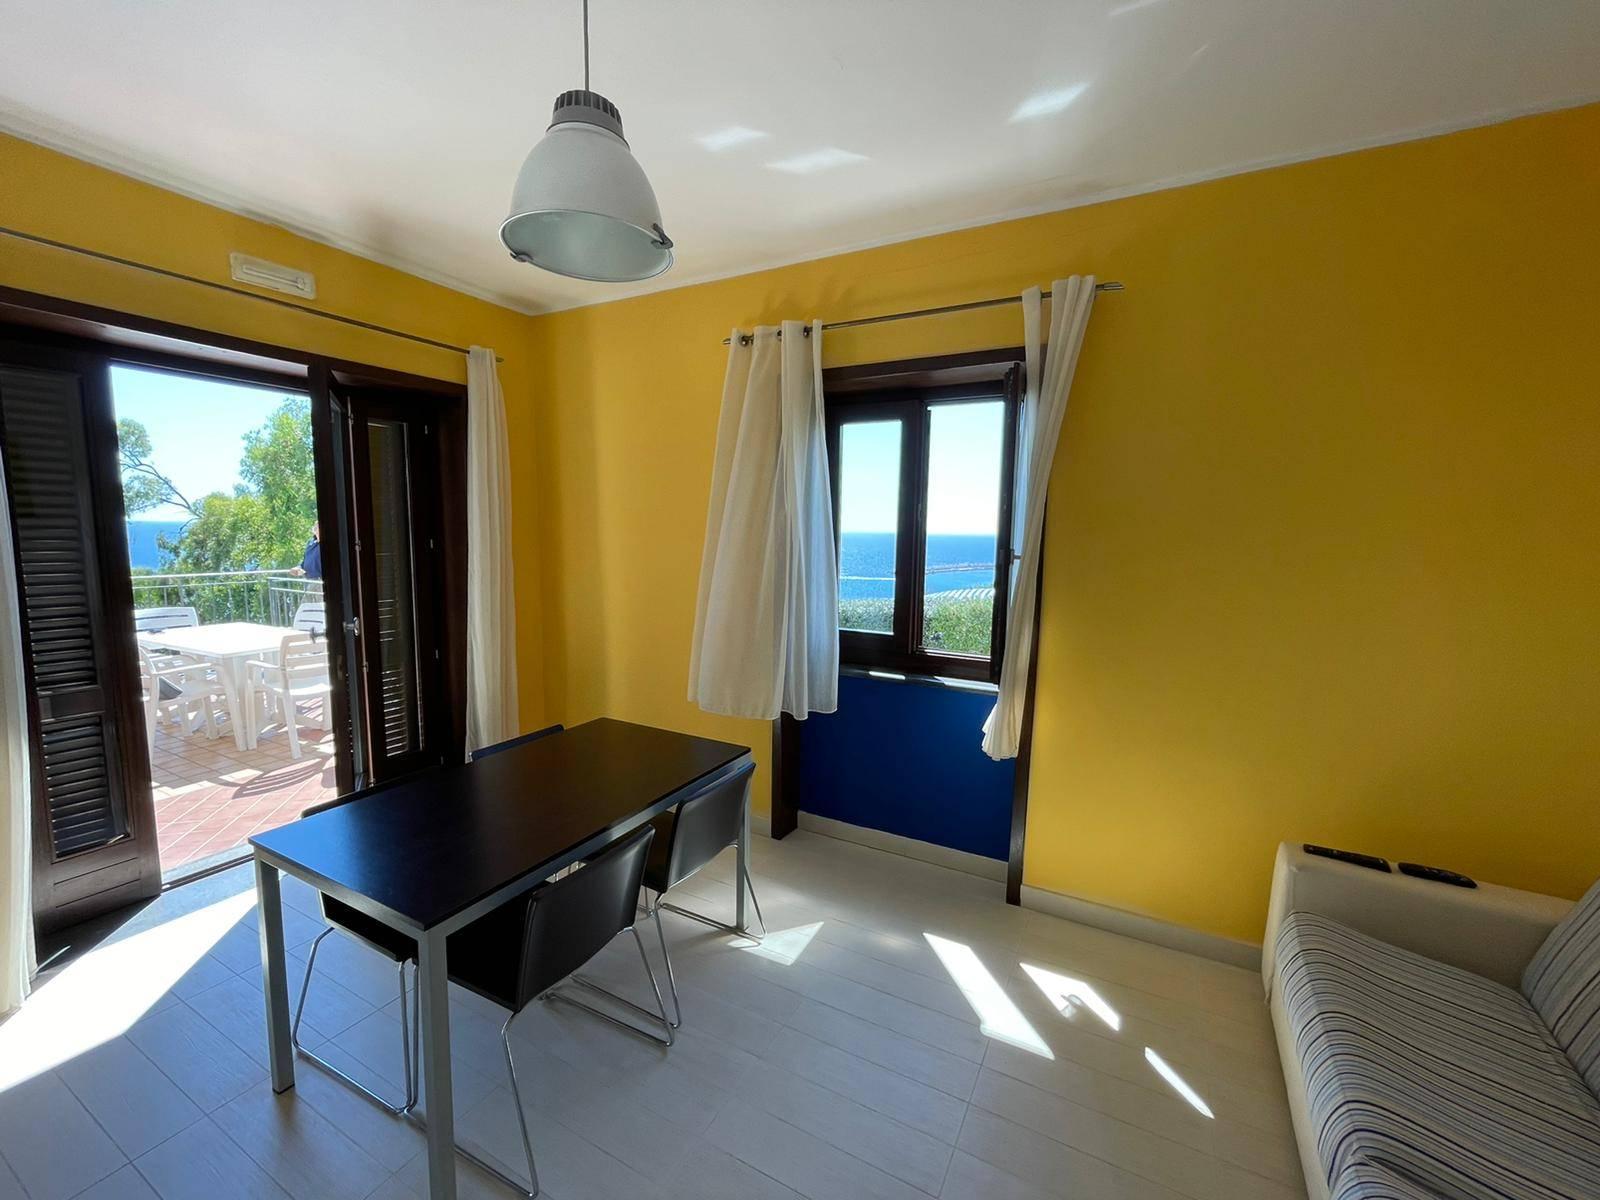 Appartamento in vendita a Pollica, 2 locali, zona aroli, prezzo € 240.000 | PortaleAgenzieImmobiliari.it